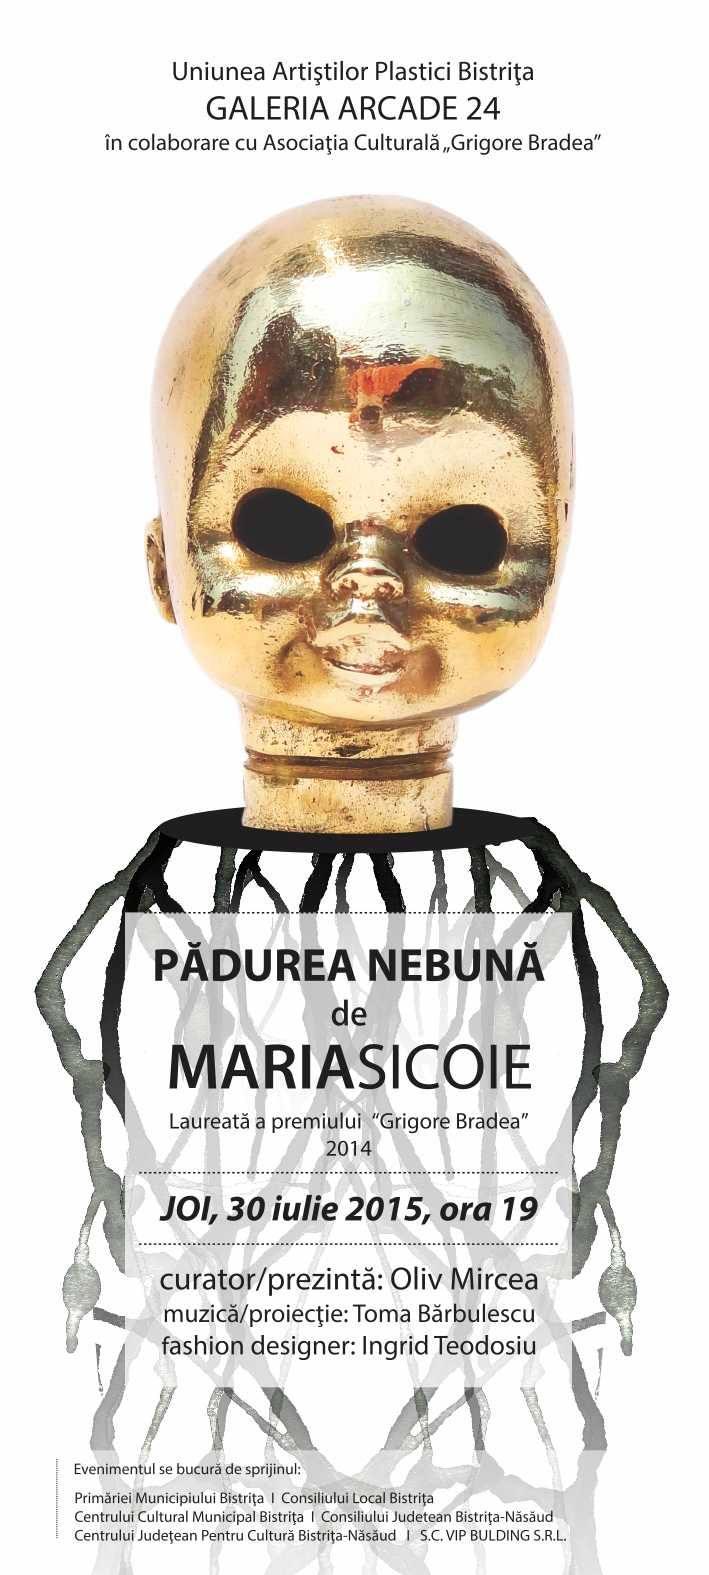 Maria Sicoie